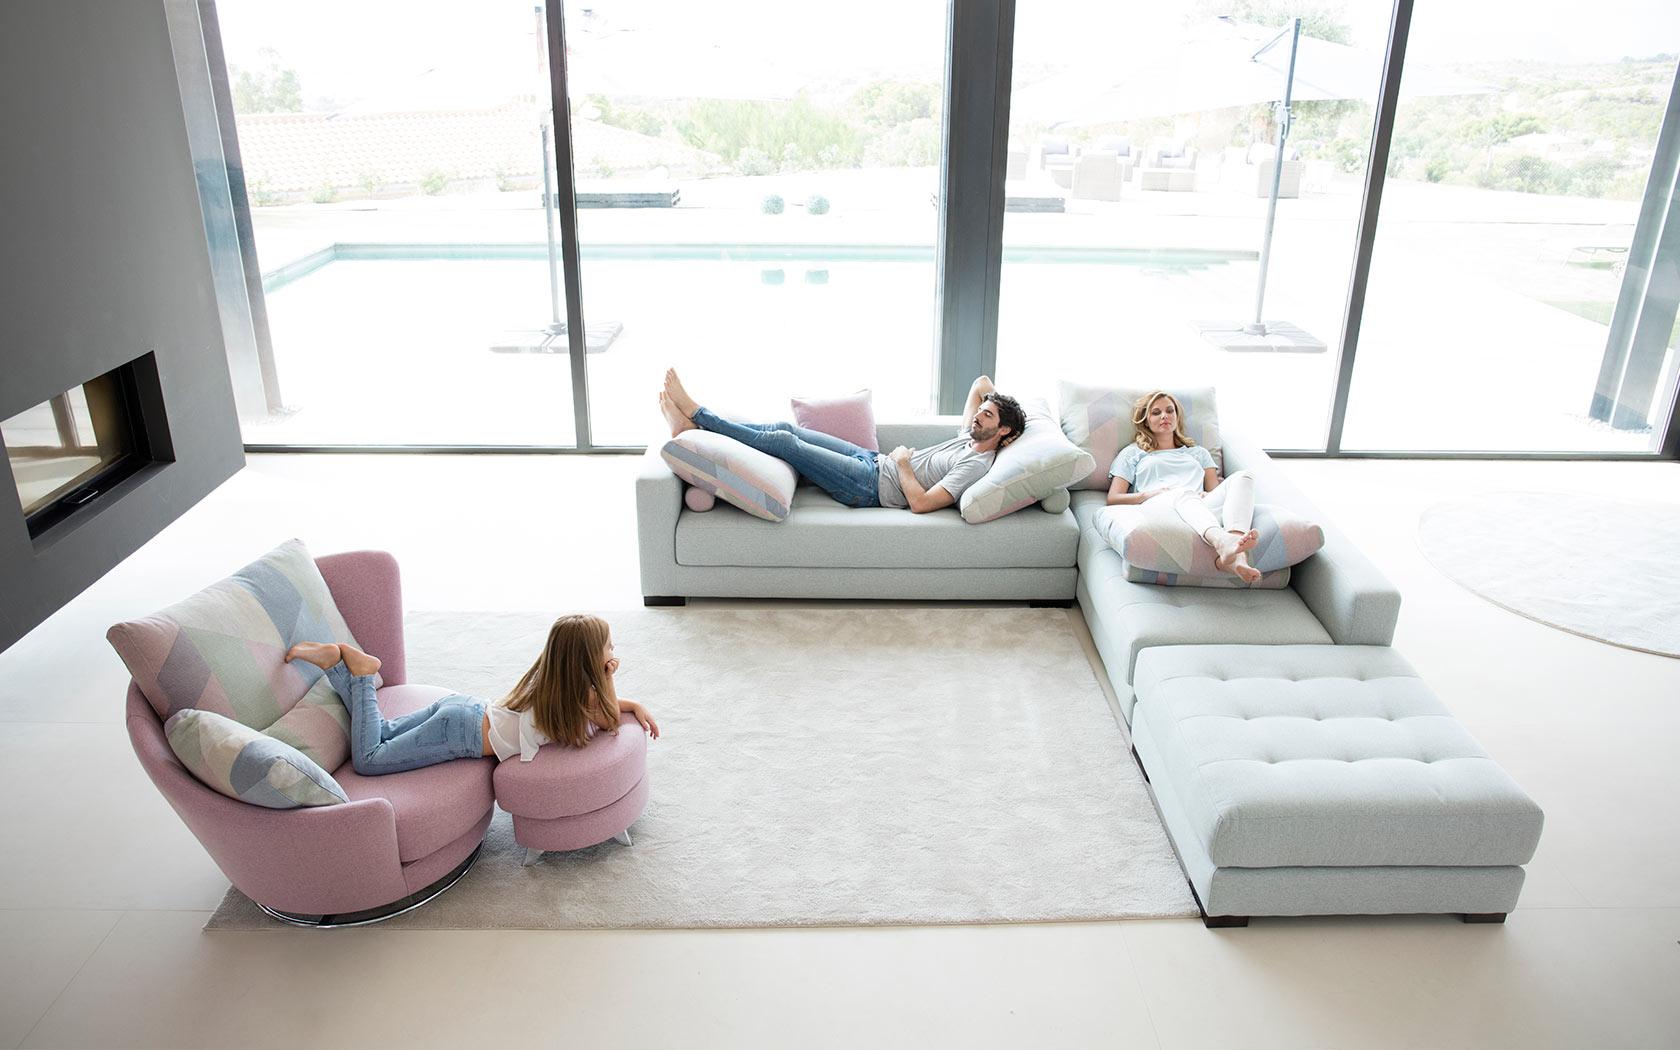 Manacor sofa Fama 2019 01